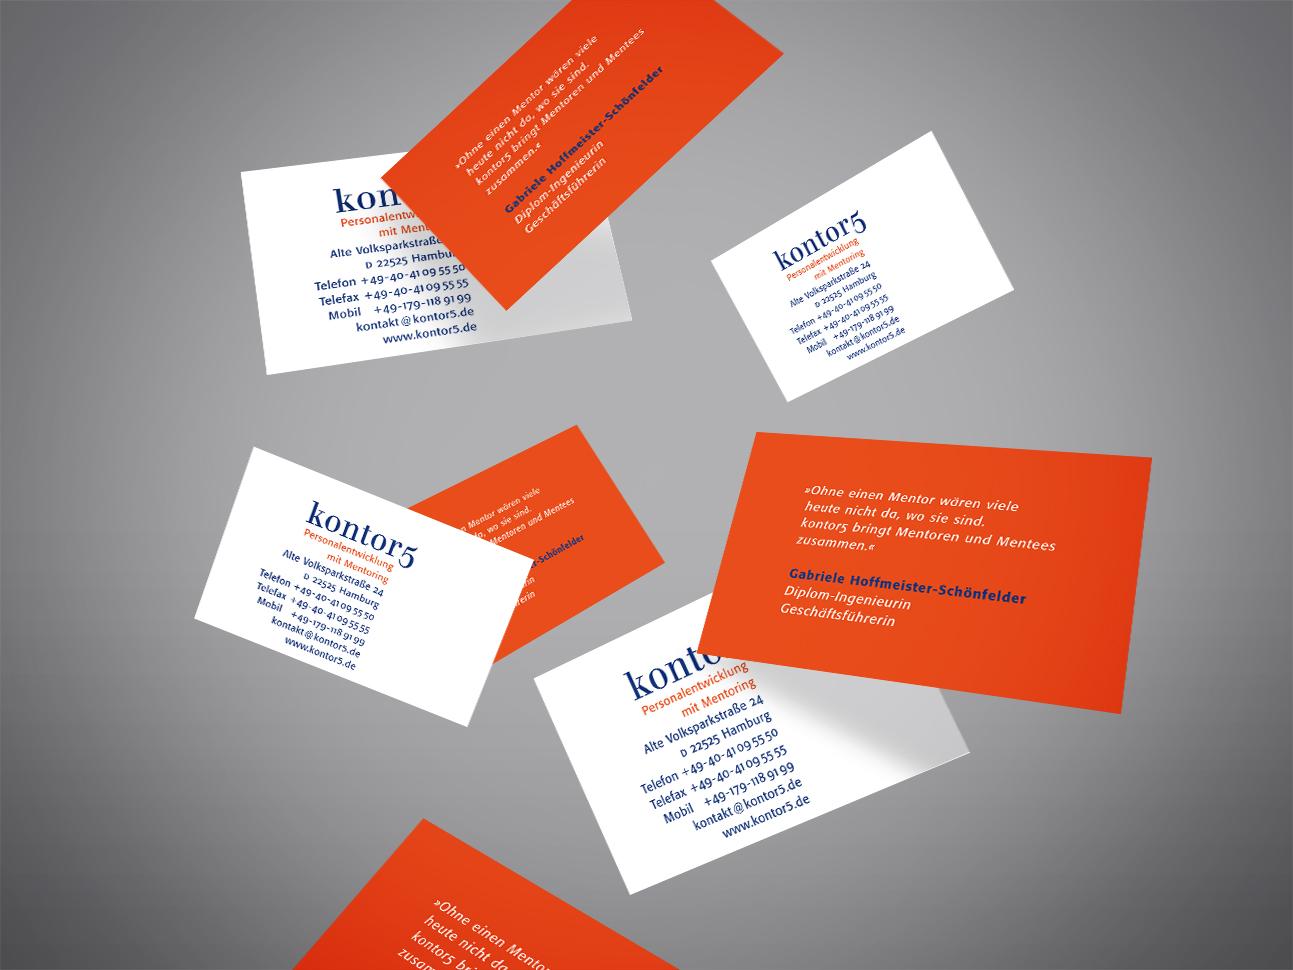 martin_zech_design_corporate_design_kontor5_visitenkarte